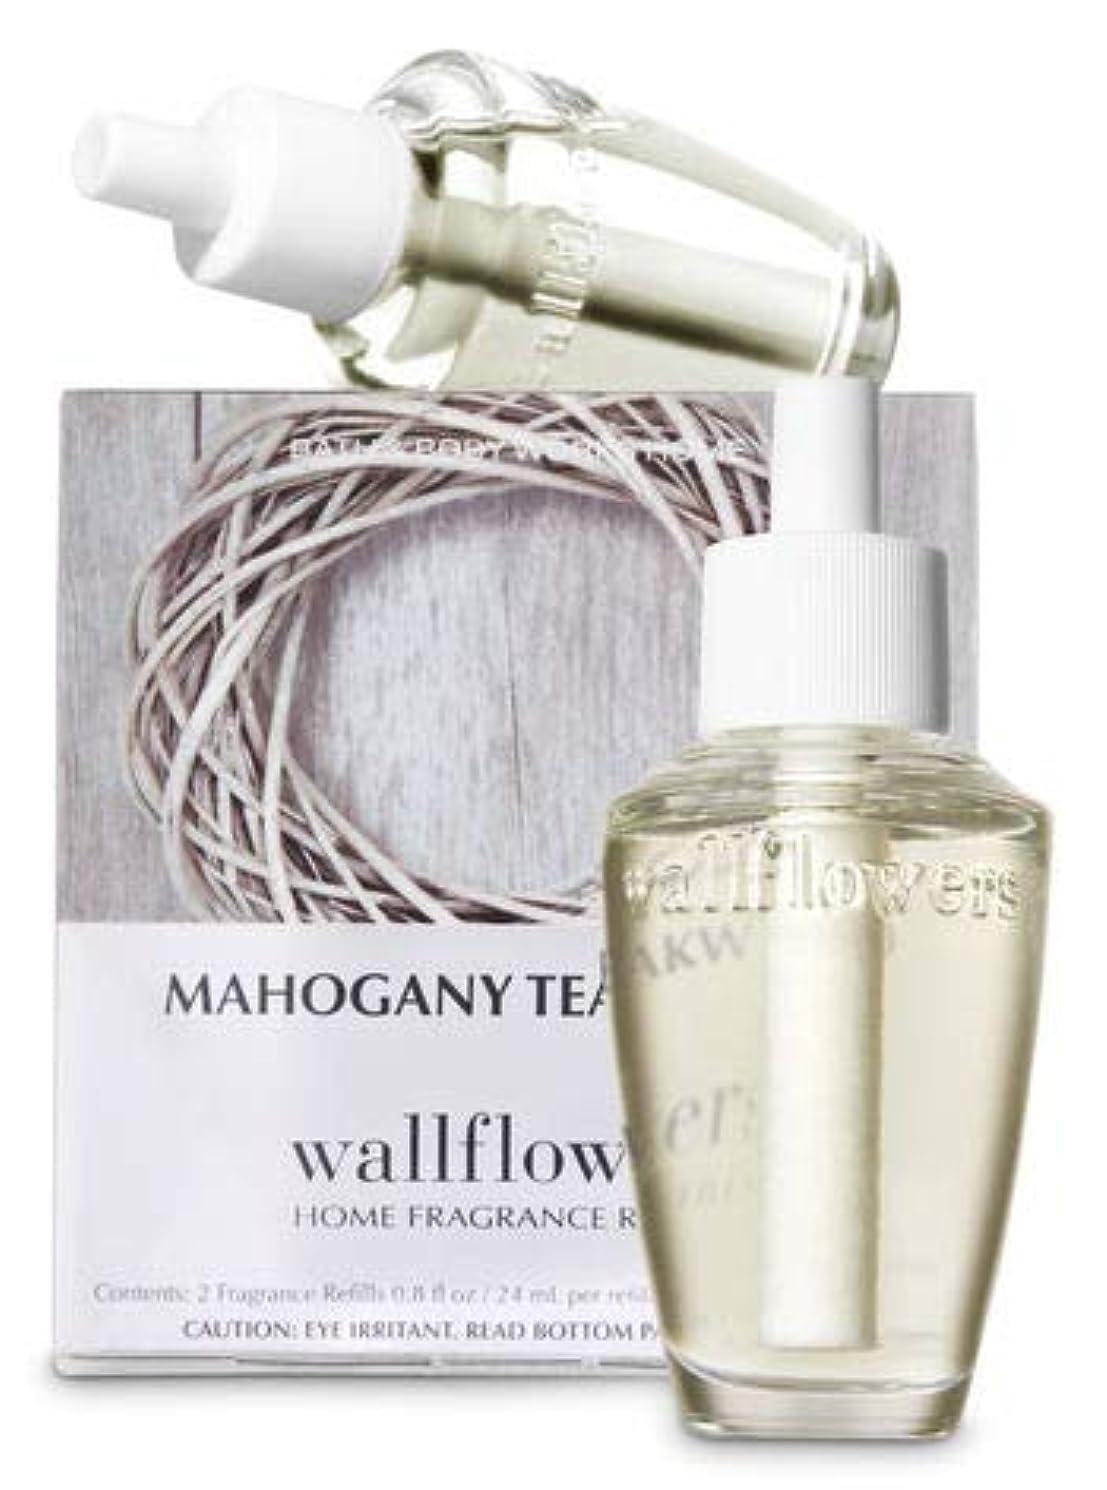 歩き回る契約するモジュール【Bath&Body Works/バス&ボディワークス】 ルームフレグランス 詰替えリフィル(2個入り) マホガニーティークウッド Wallflowers Home Fragrance 2-Pack Refills Mahogany Teakwood [並行輸入品]